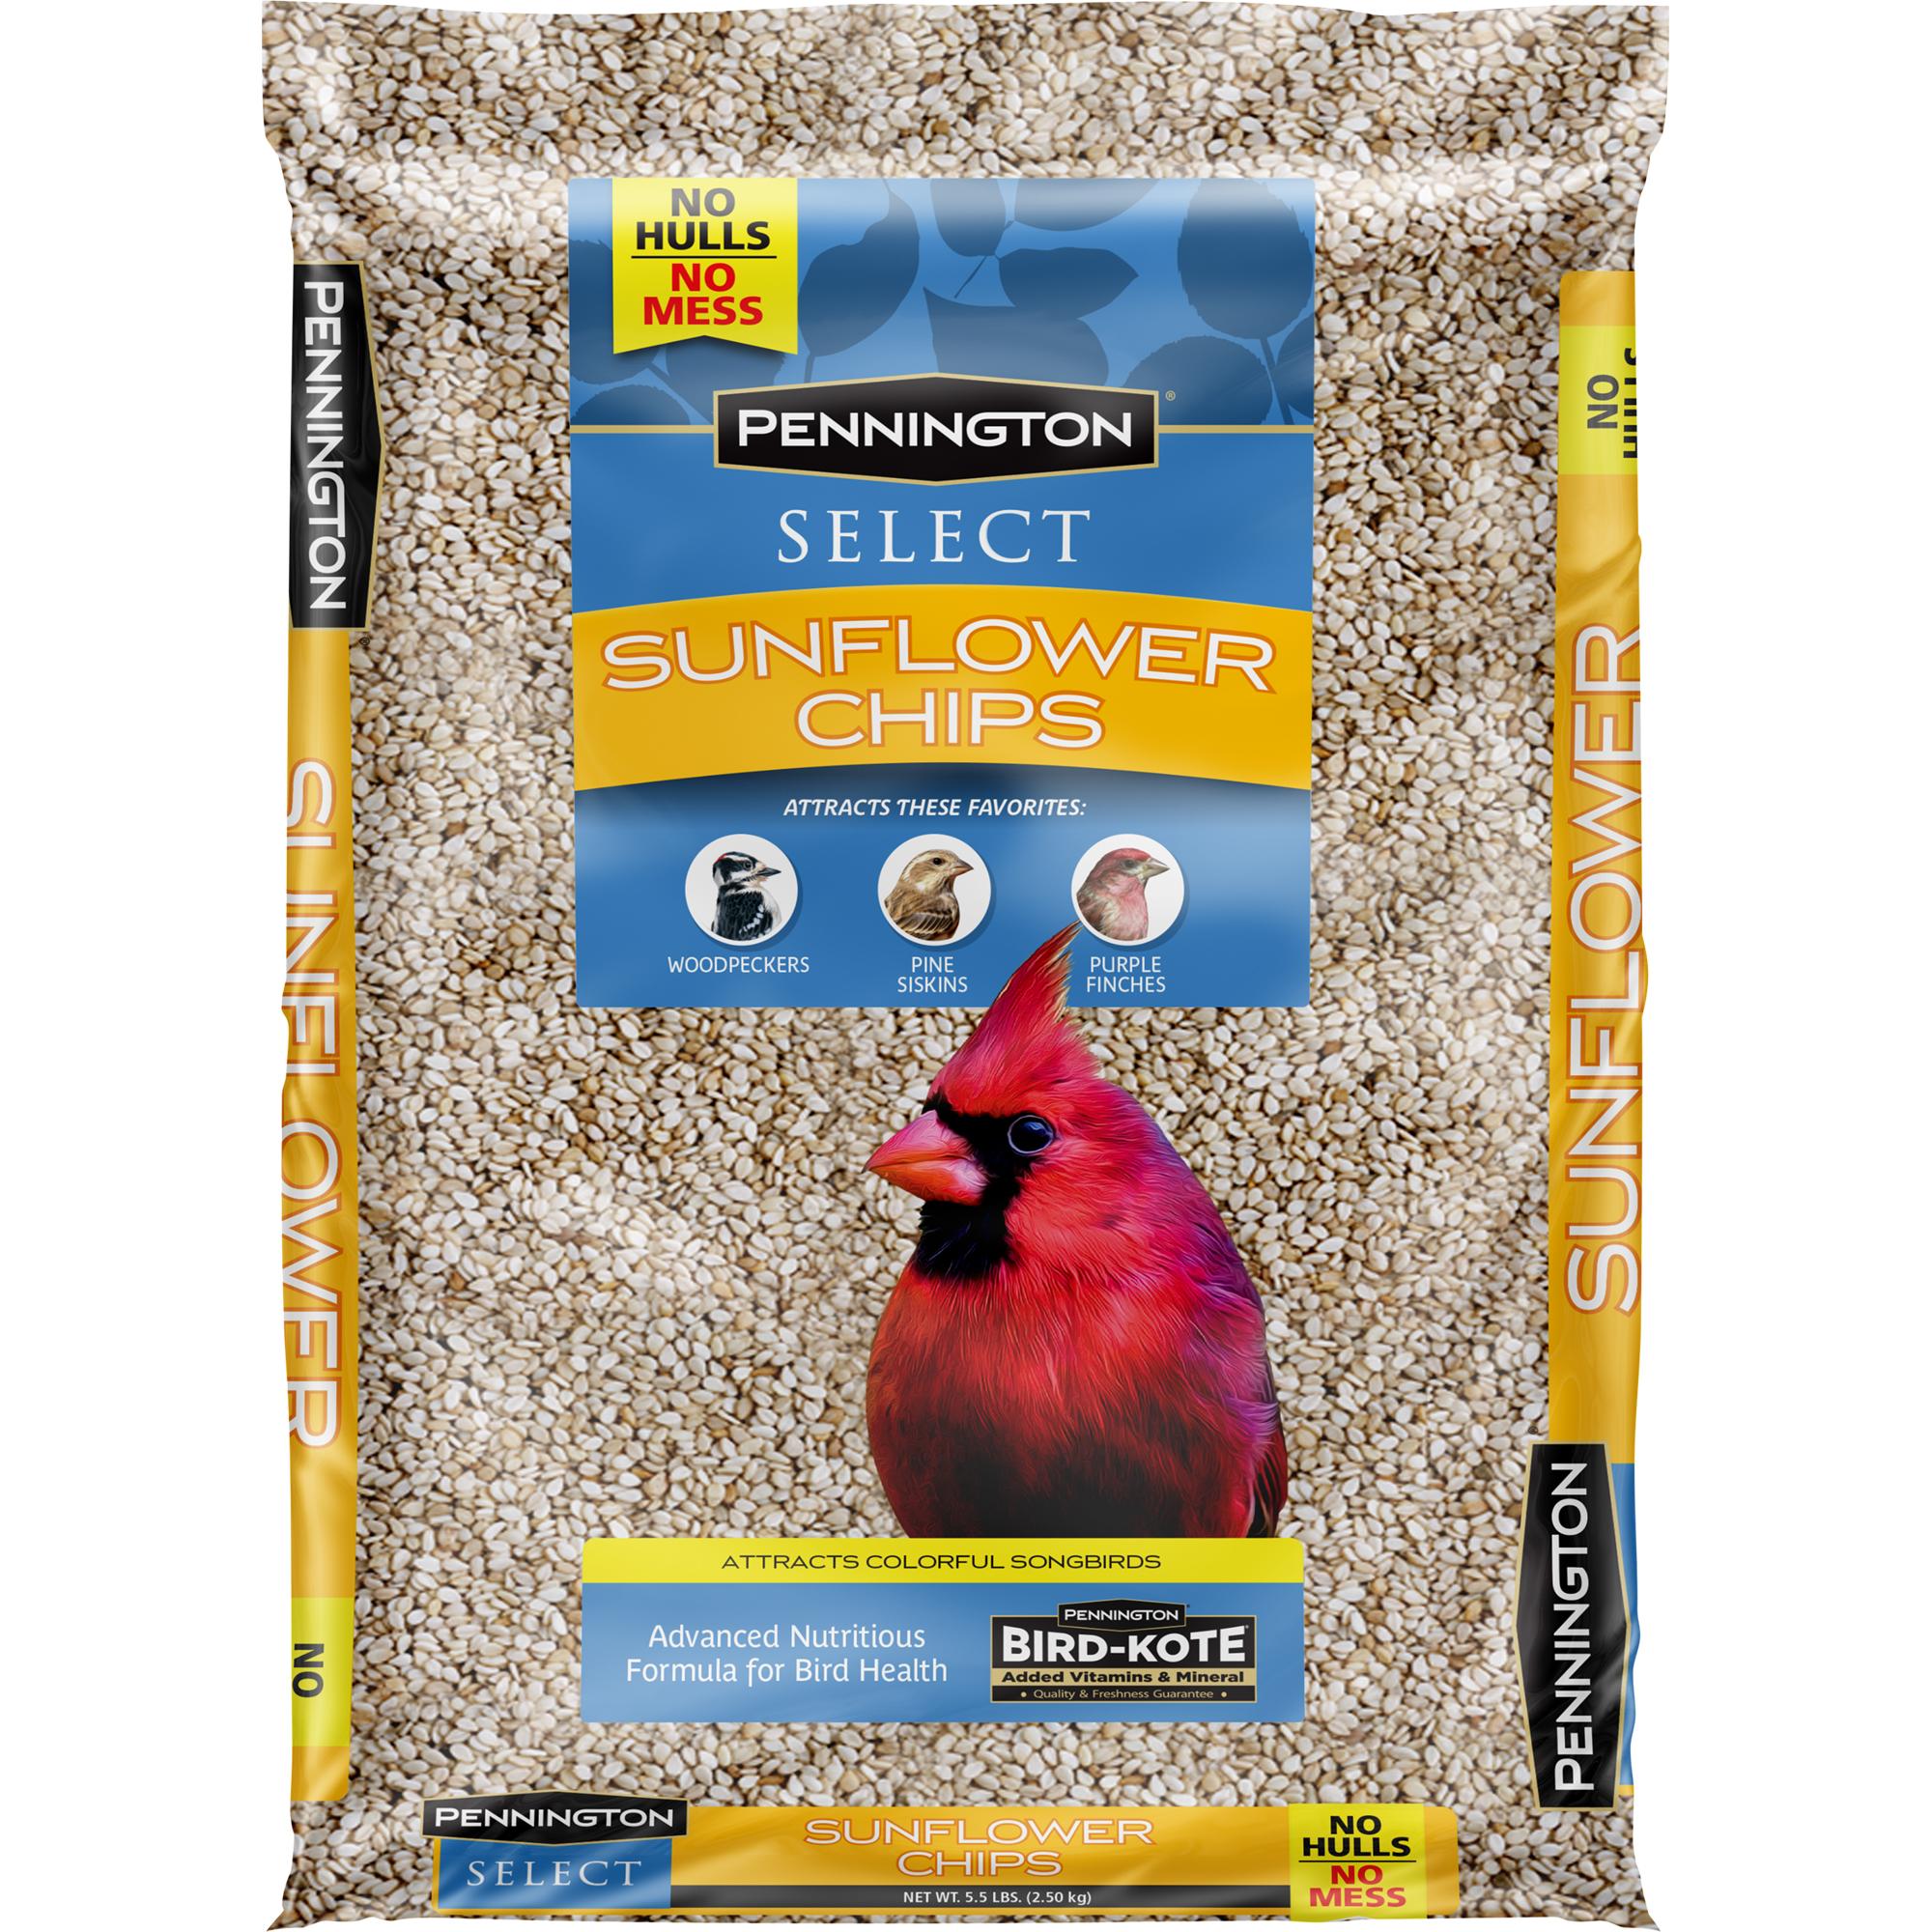 Pennington Sunflower Chips Wild Bird Feed, 5.5 lbs